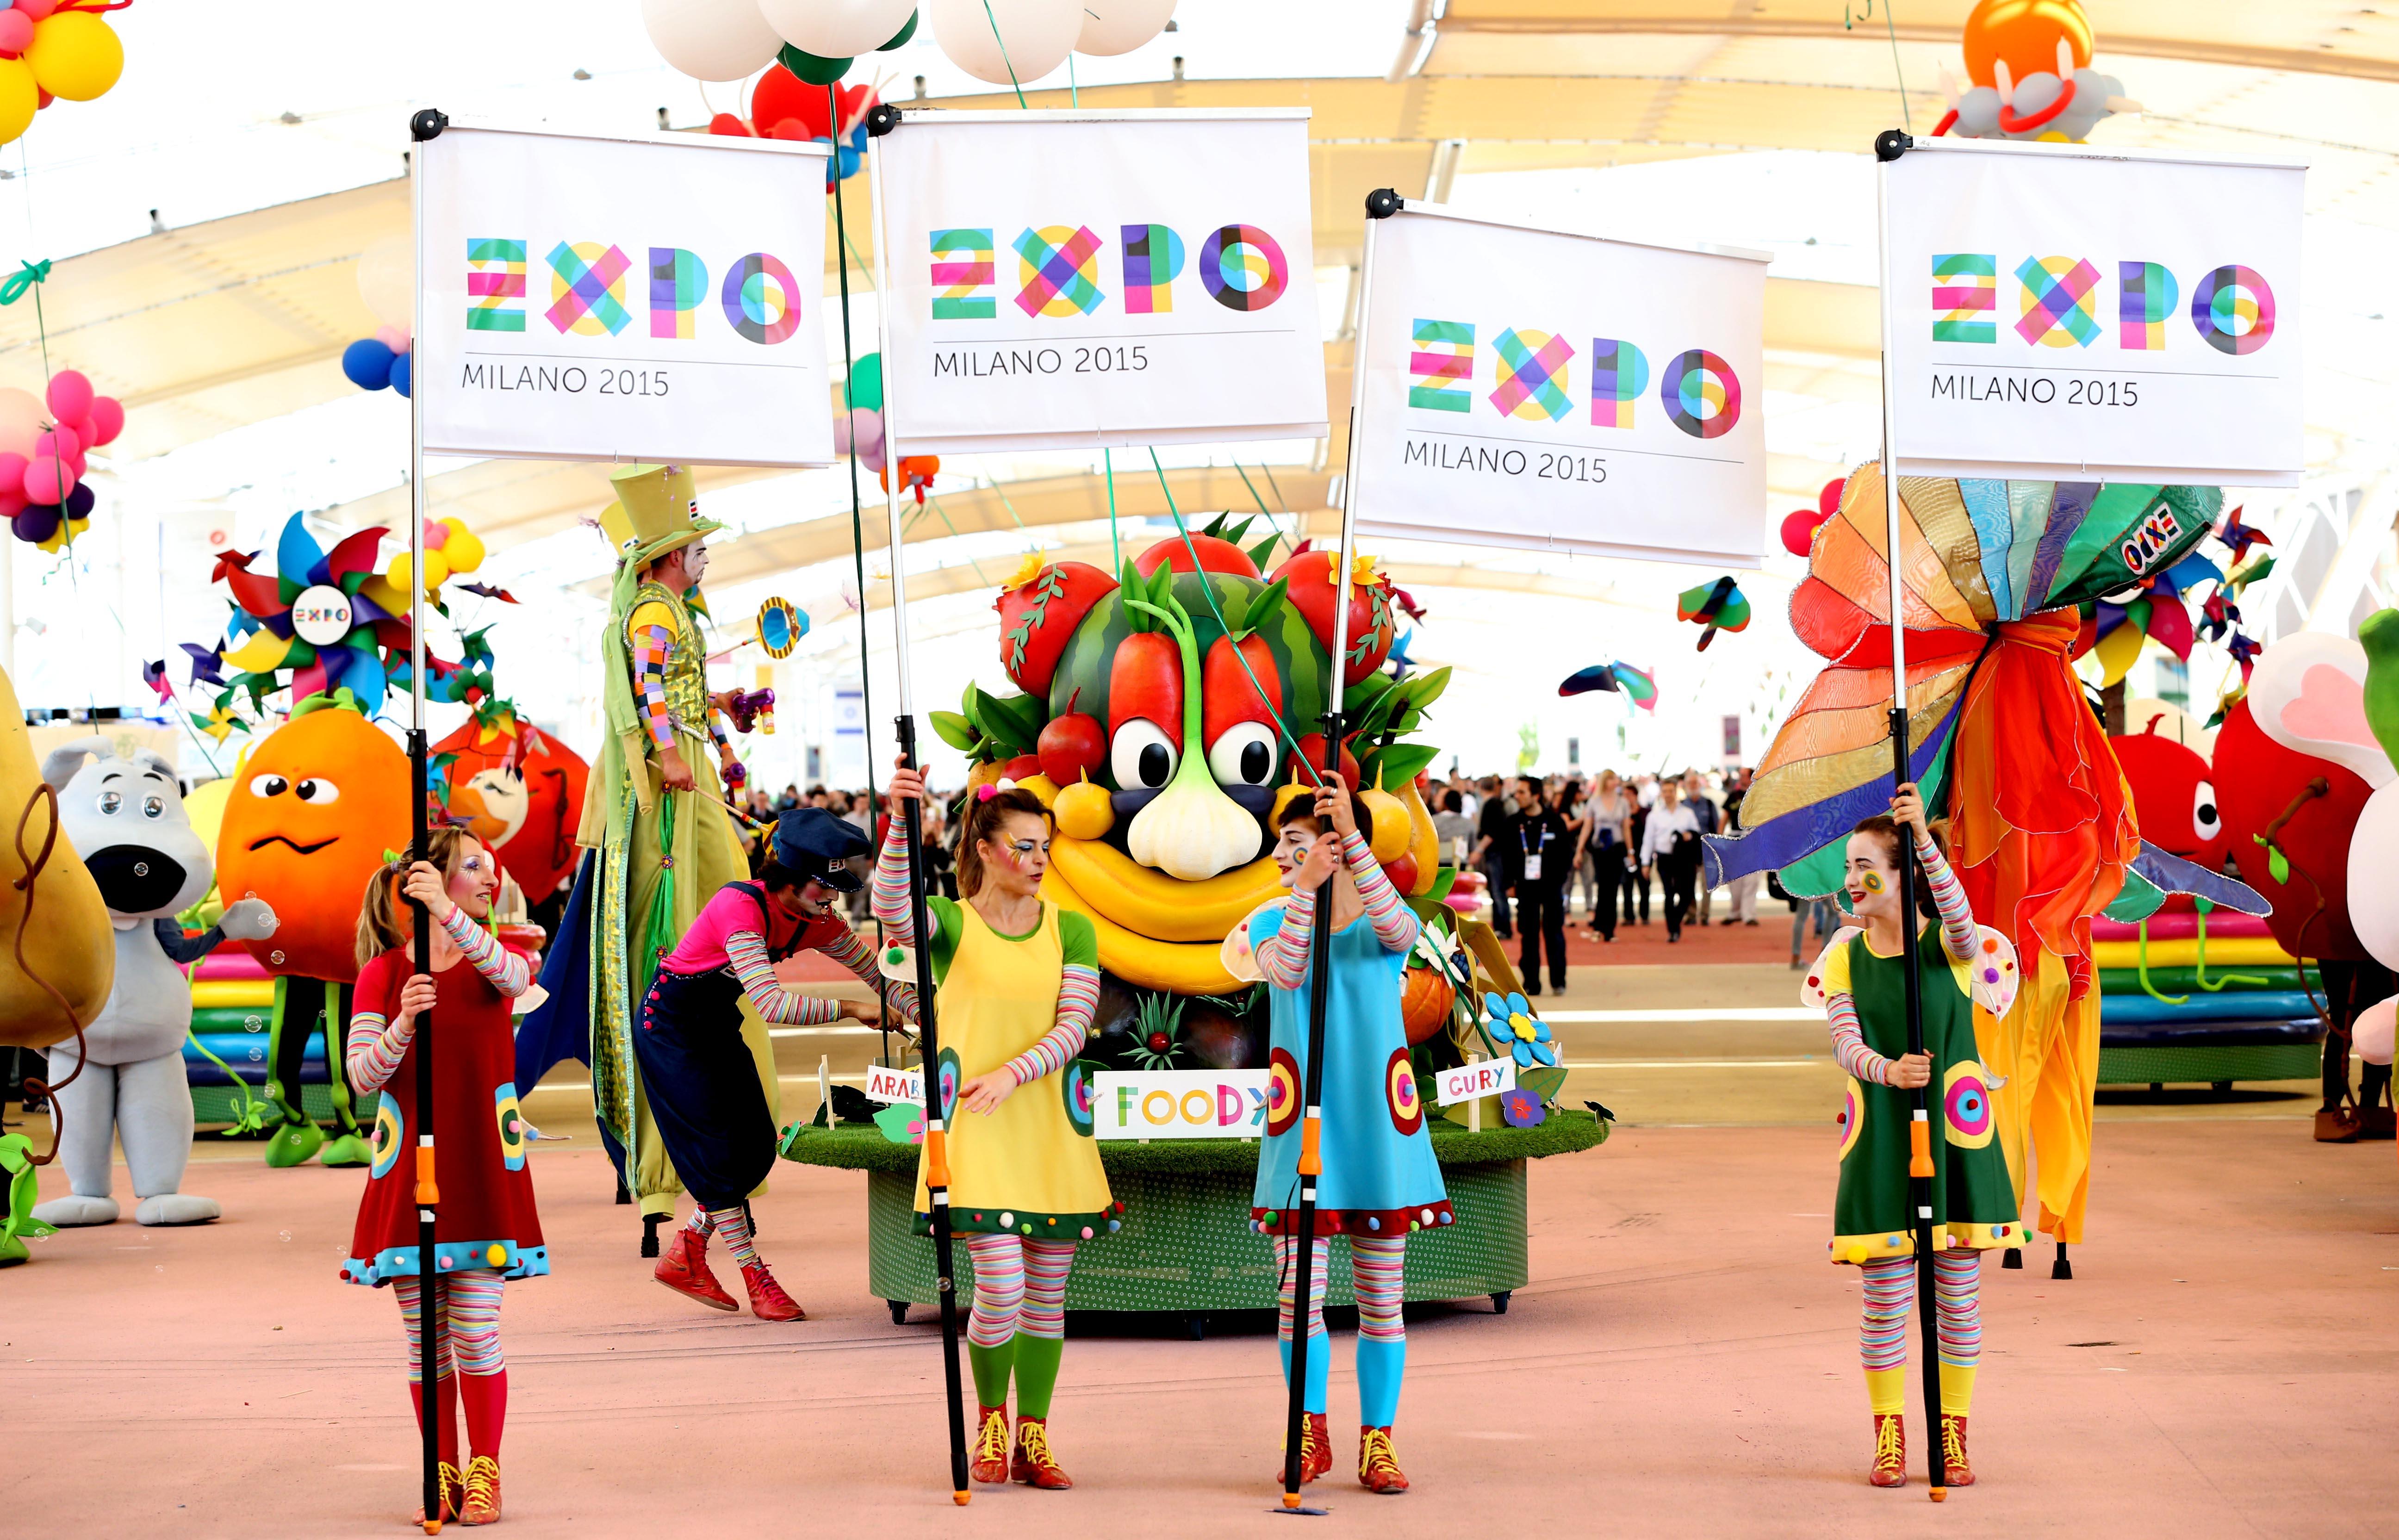 Bilancio positivo per il debutto di expo milano 2015 for Esposizione universale expo milano 2015